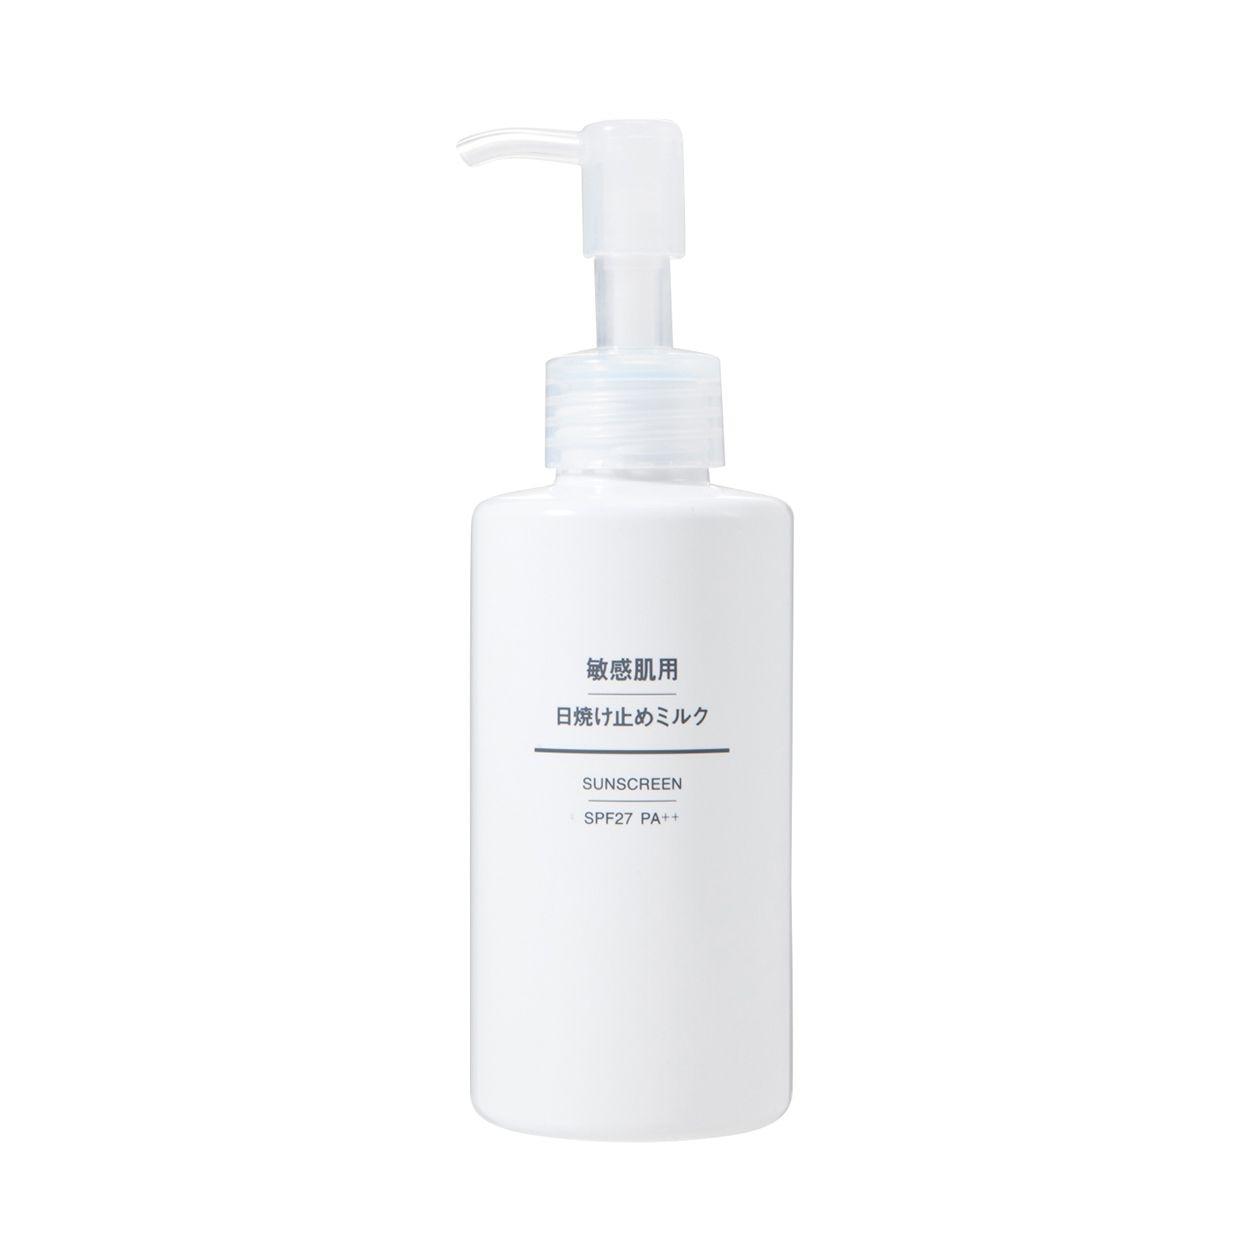 敏感肌用日焼け止めミルク SPF27